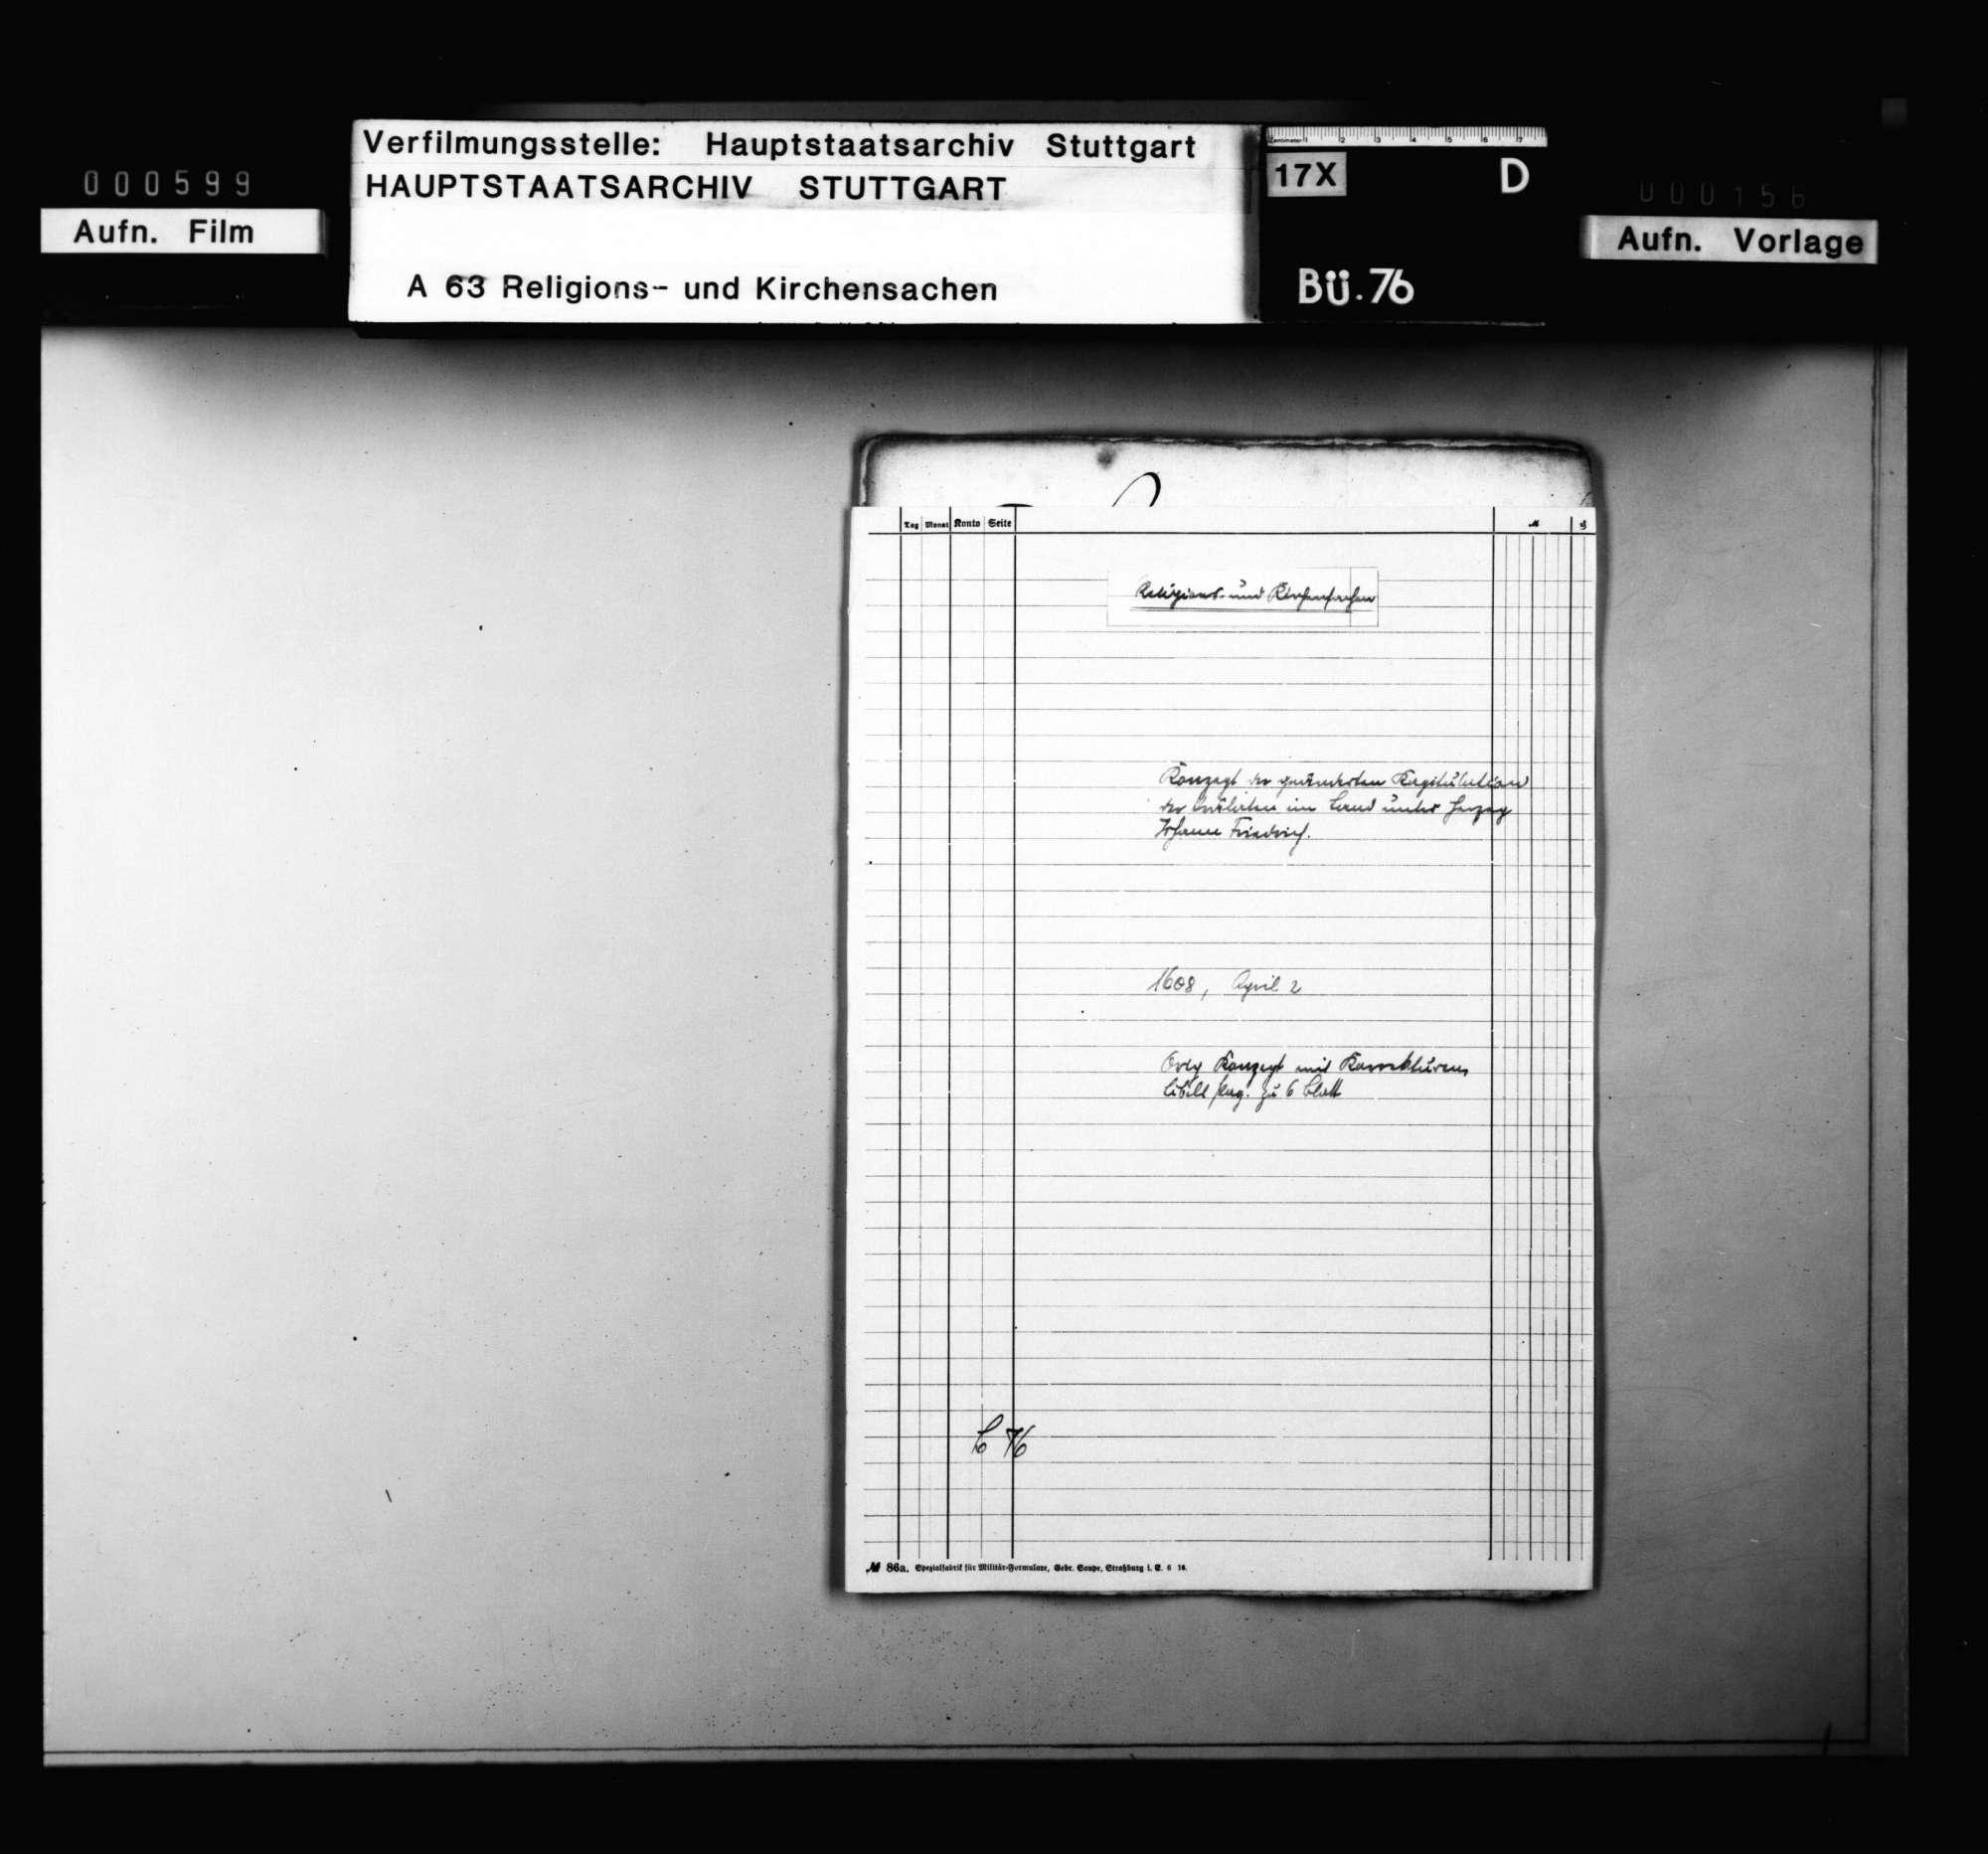 Konzept der geänderten Kapitulation der Prälaten im Land unter Herzog Johann Friedrich. Konzeptfassung mit Korrekturen., Bild 1